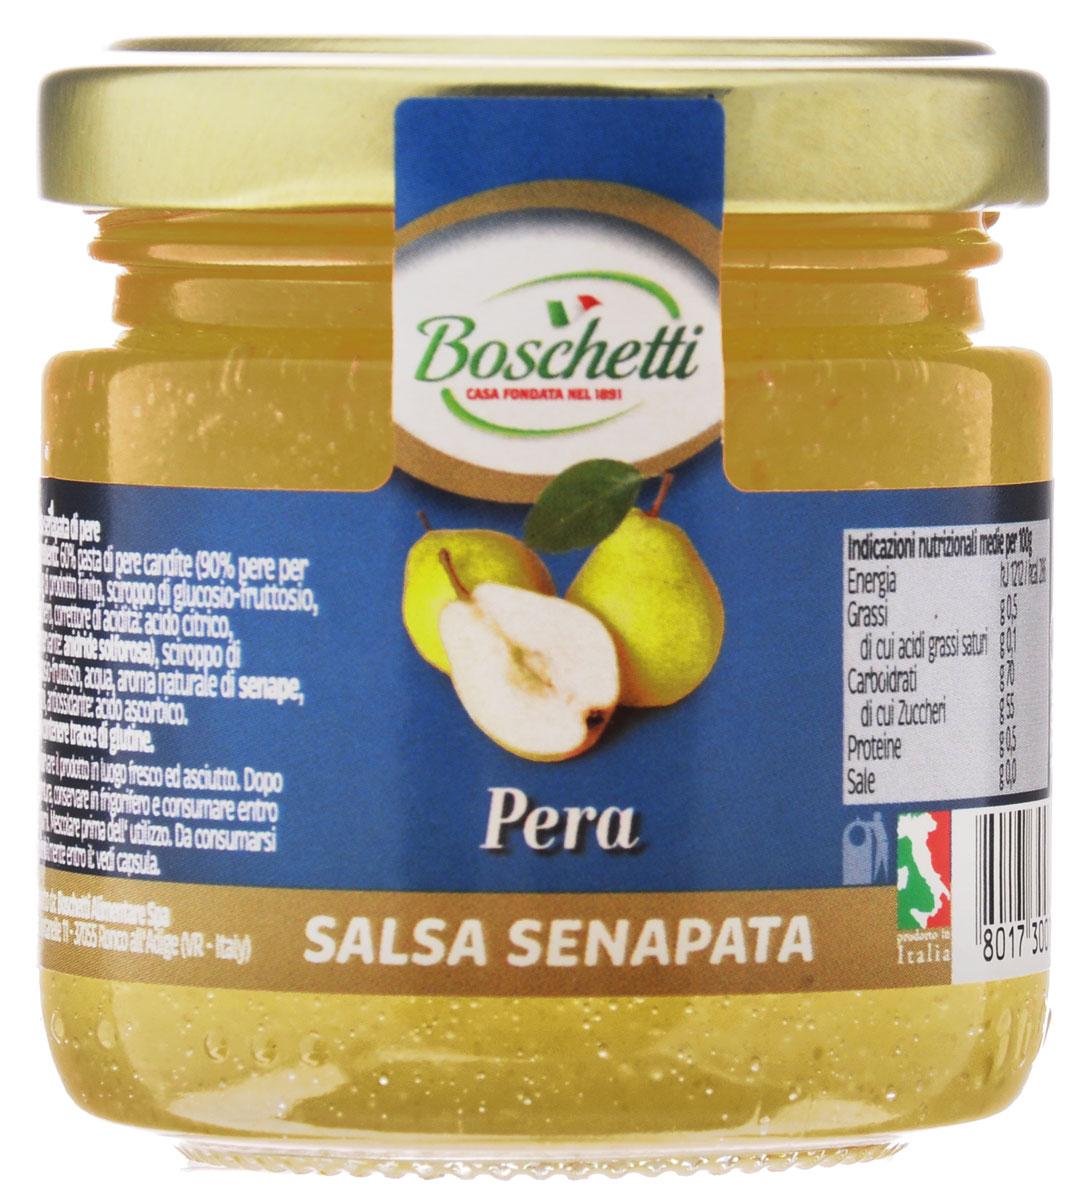 Boschetti Pera соус сальса, 120 гSP#6535AYГорчичный соус из груши Boschetti создан для тех, кто ценит уникальный вкус в приправах к любимым блюдам. Горчица и груша, подобранные кулинарами в нужных пропорциях, выдают оригинальную вкусовую гамму, в которой изысканность итальянской кухни проявляется в полной мере. Горчичный соус из груши является ведущим ингредиентом во многих итальянских рецептах. Но его часто используют в качестве дополнения к уже готовому блюду. Он превращает сыр или рыбу в изысканный деликатес. Если к вашему завтраку подается Boschetti, значит, вы любите свой быт во всех его проявлениях. Утреннее чаепитие с соусом Boschetti станет настоящим праздником. Состав: паста грушевая с сахаром 60% (90% груш на 100 г готового продукта: сироп глюкозы- фруктозы, сахар, регулятор кислотности (лимонная кислота), консервант (ангидрид), сироп глюкозы-фруктозы, вода, натуральный ароматизатор горчица, ароматизаторы,. Может содержать клейковину.